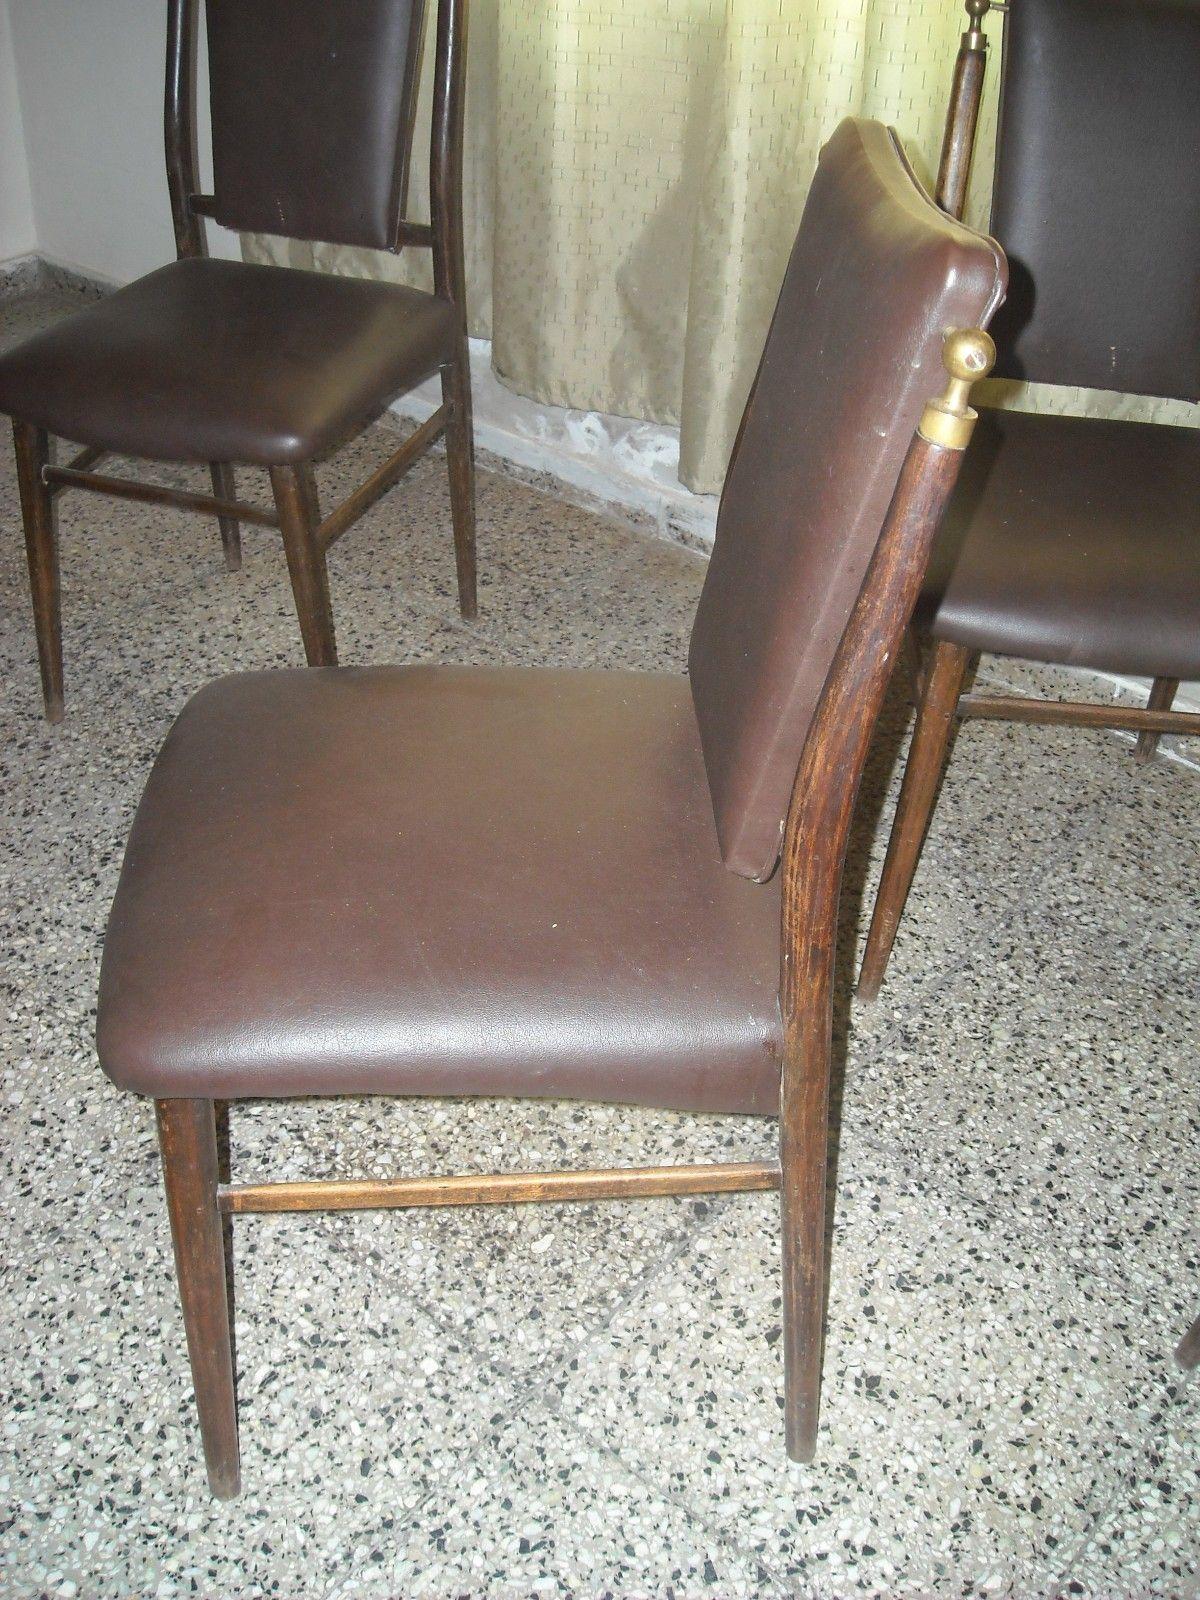 vendo 6 sillas de madera tapizadas en cuerina hogar